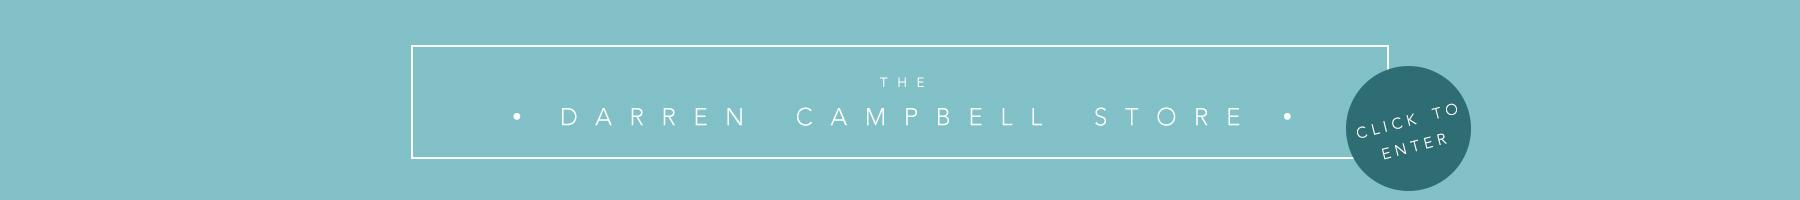 Darren_Campbell_Store_banner_clicktoenter